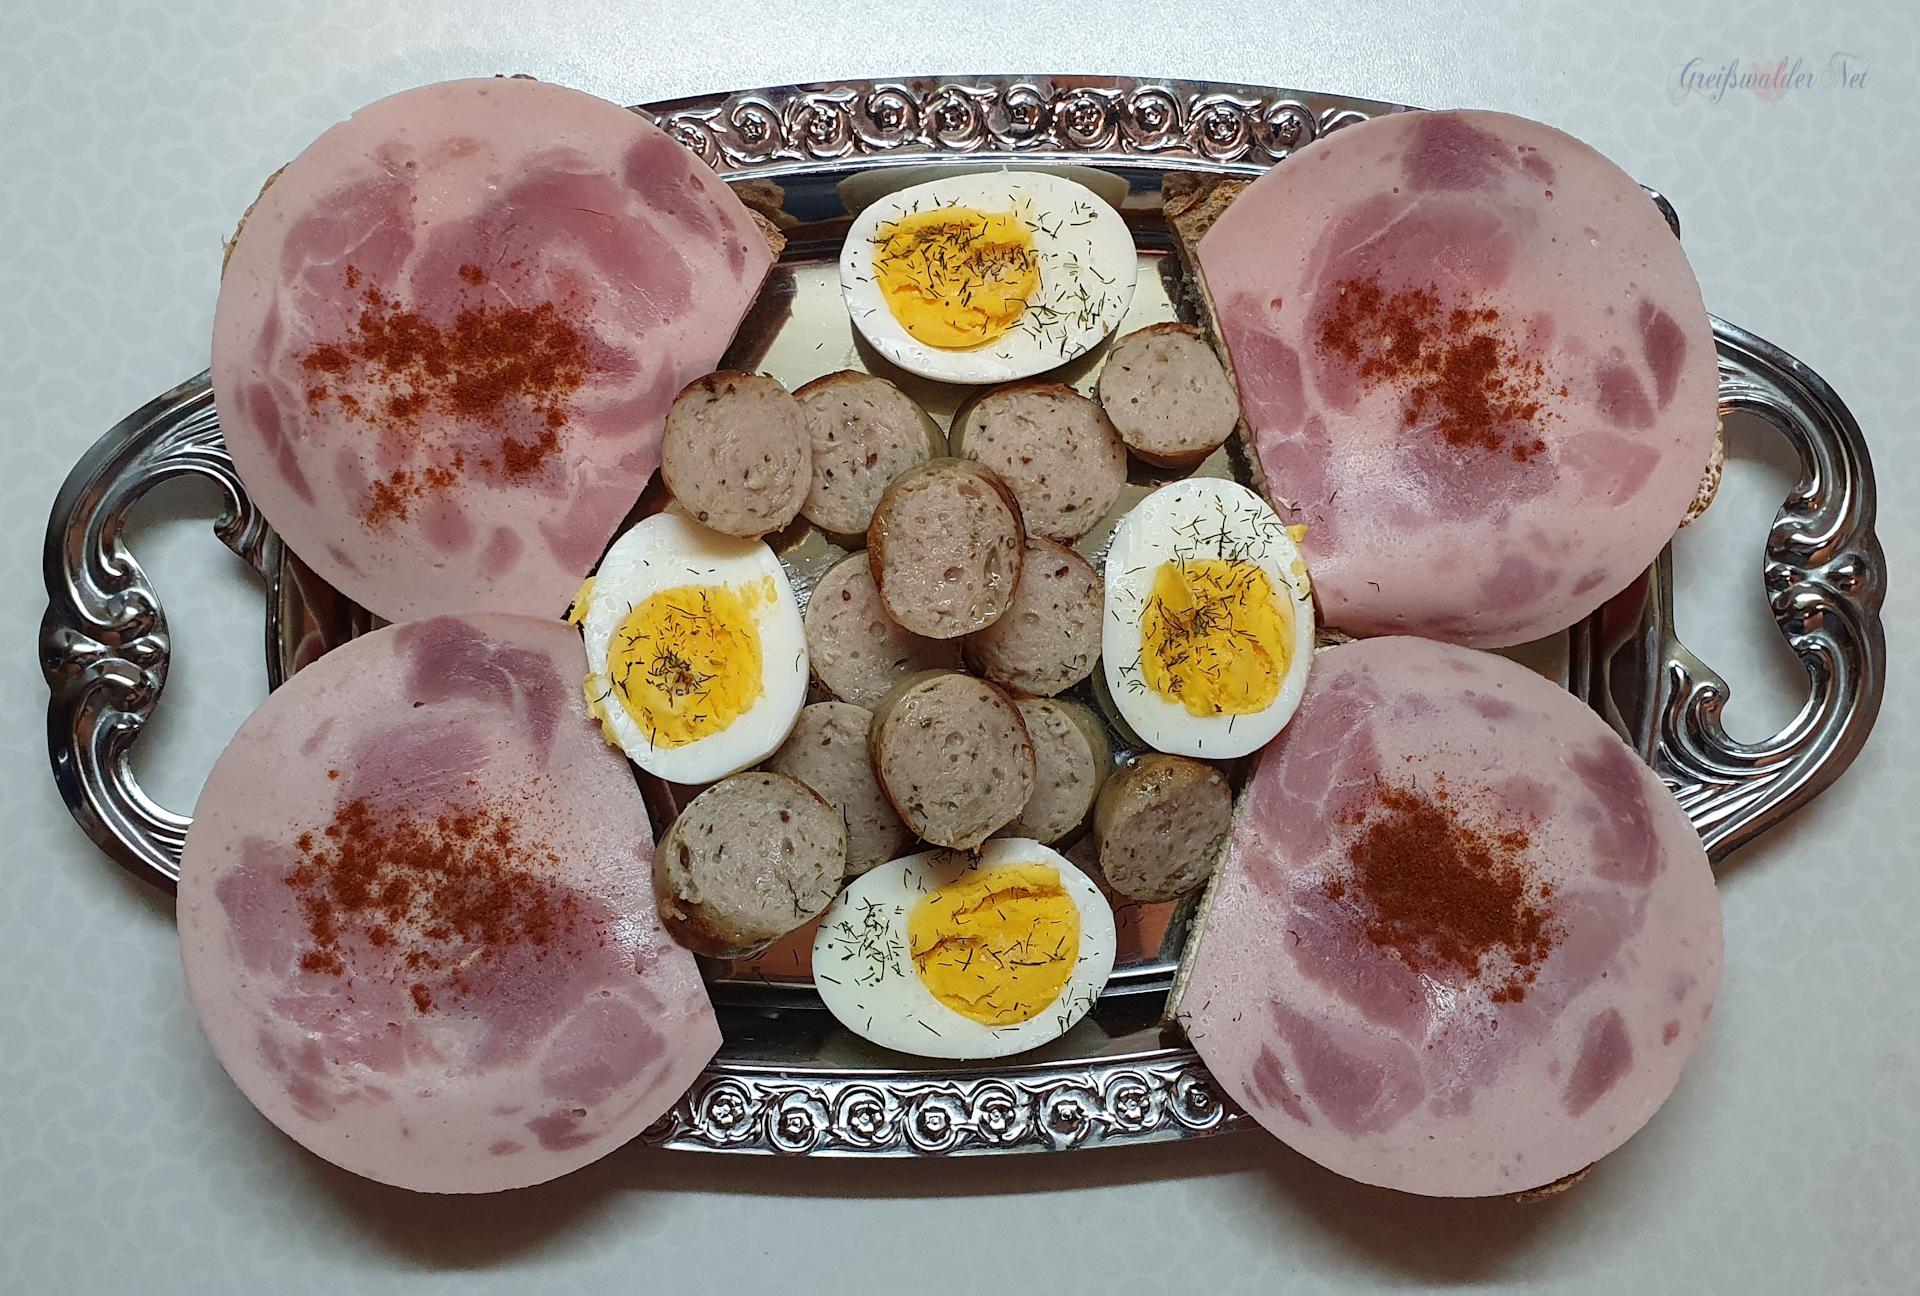 Abendessen - Krustenbrot, Bierschinken, Bratwurst, Eier